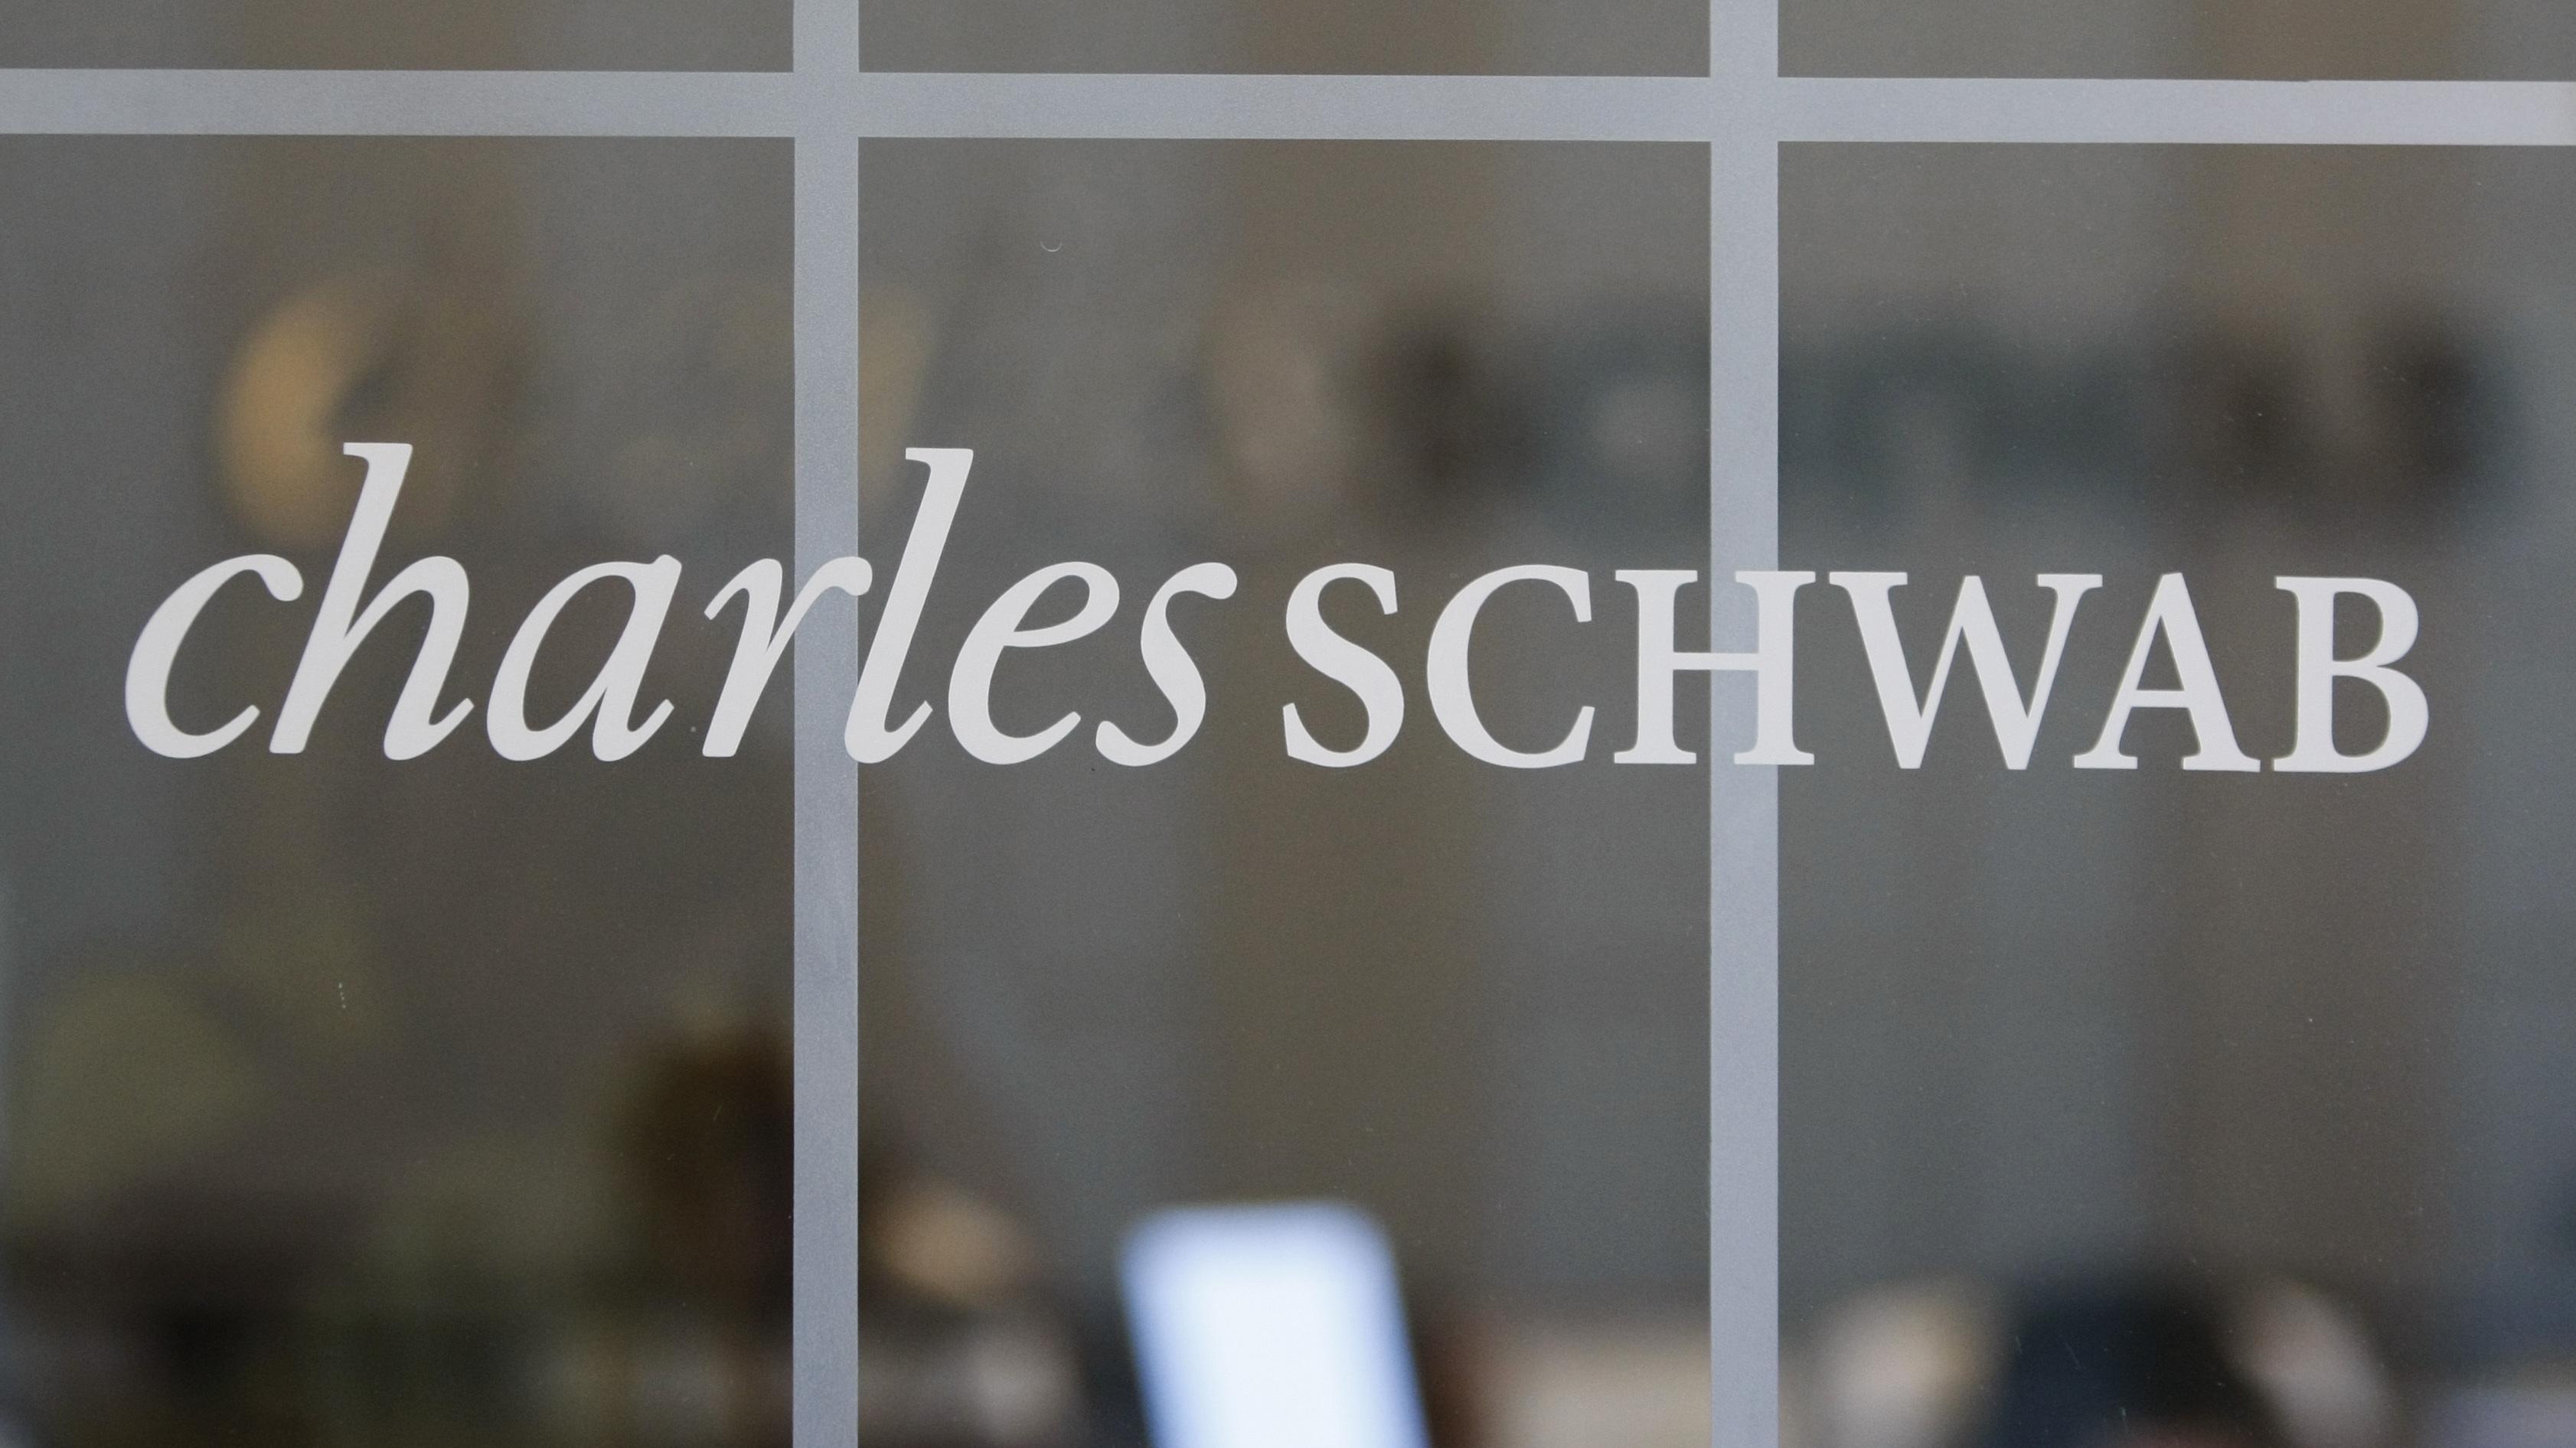 Charles Schwab To Buy TD Ameritrade, Creating Brokerage Behemoth